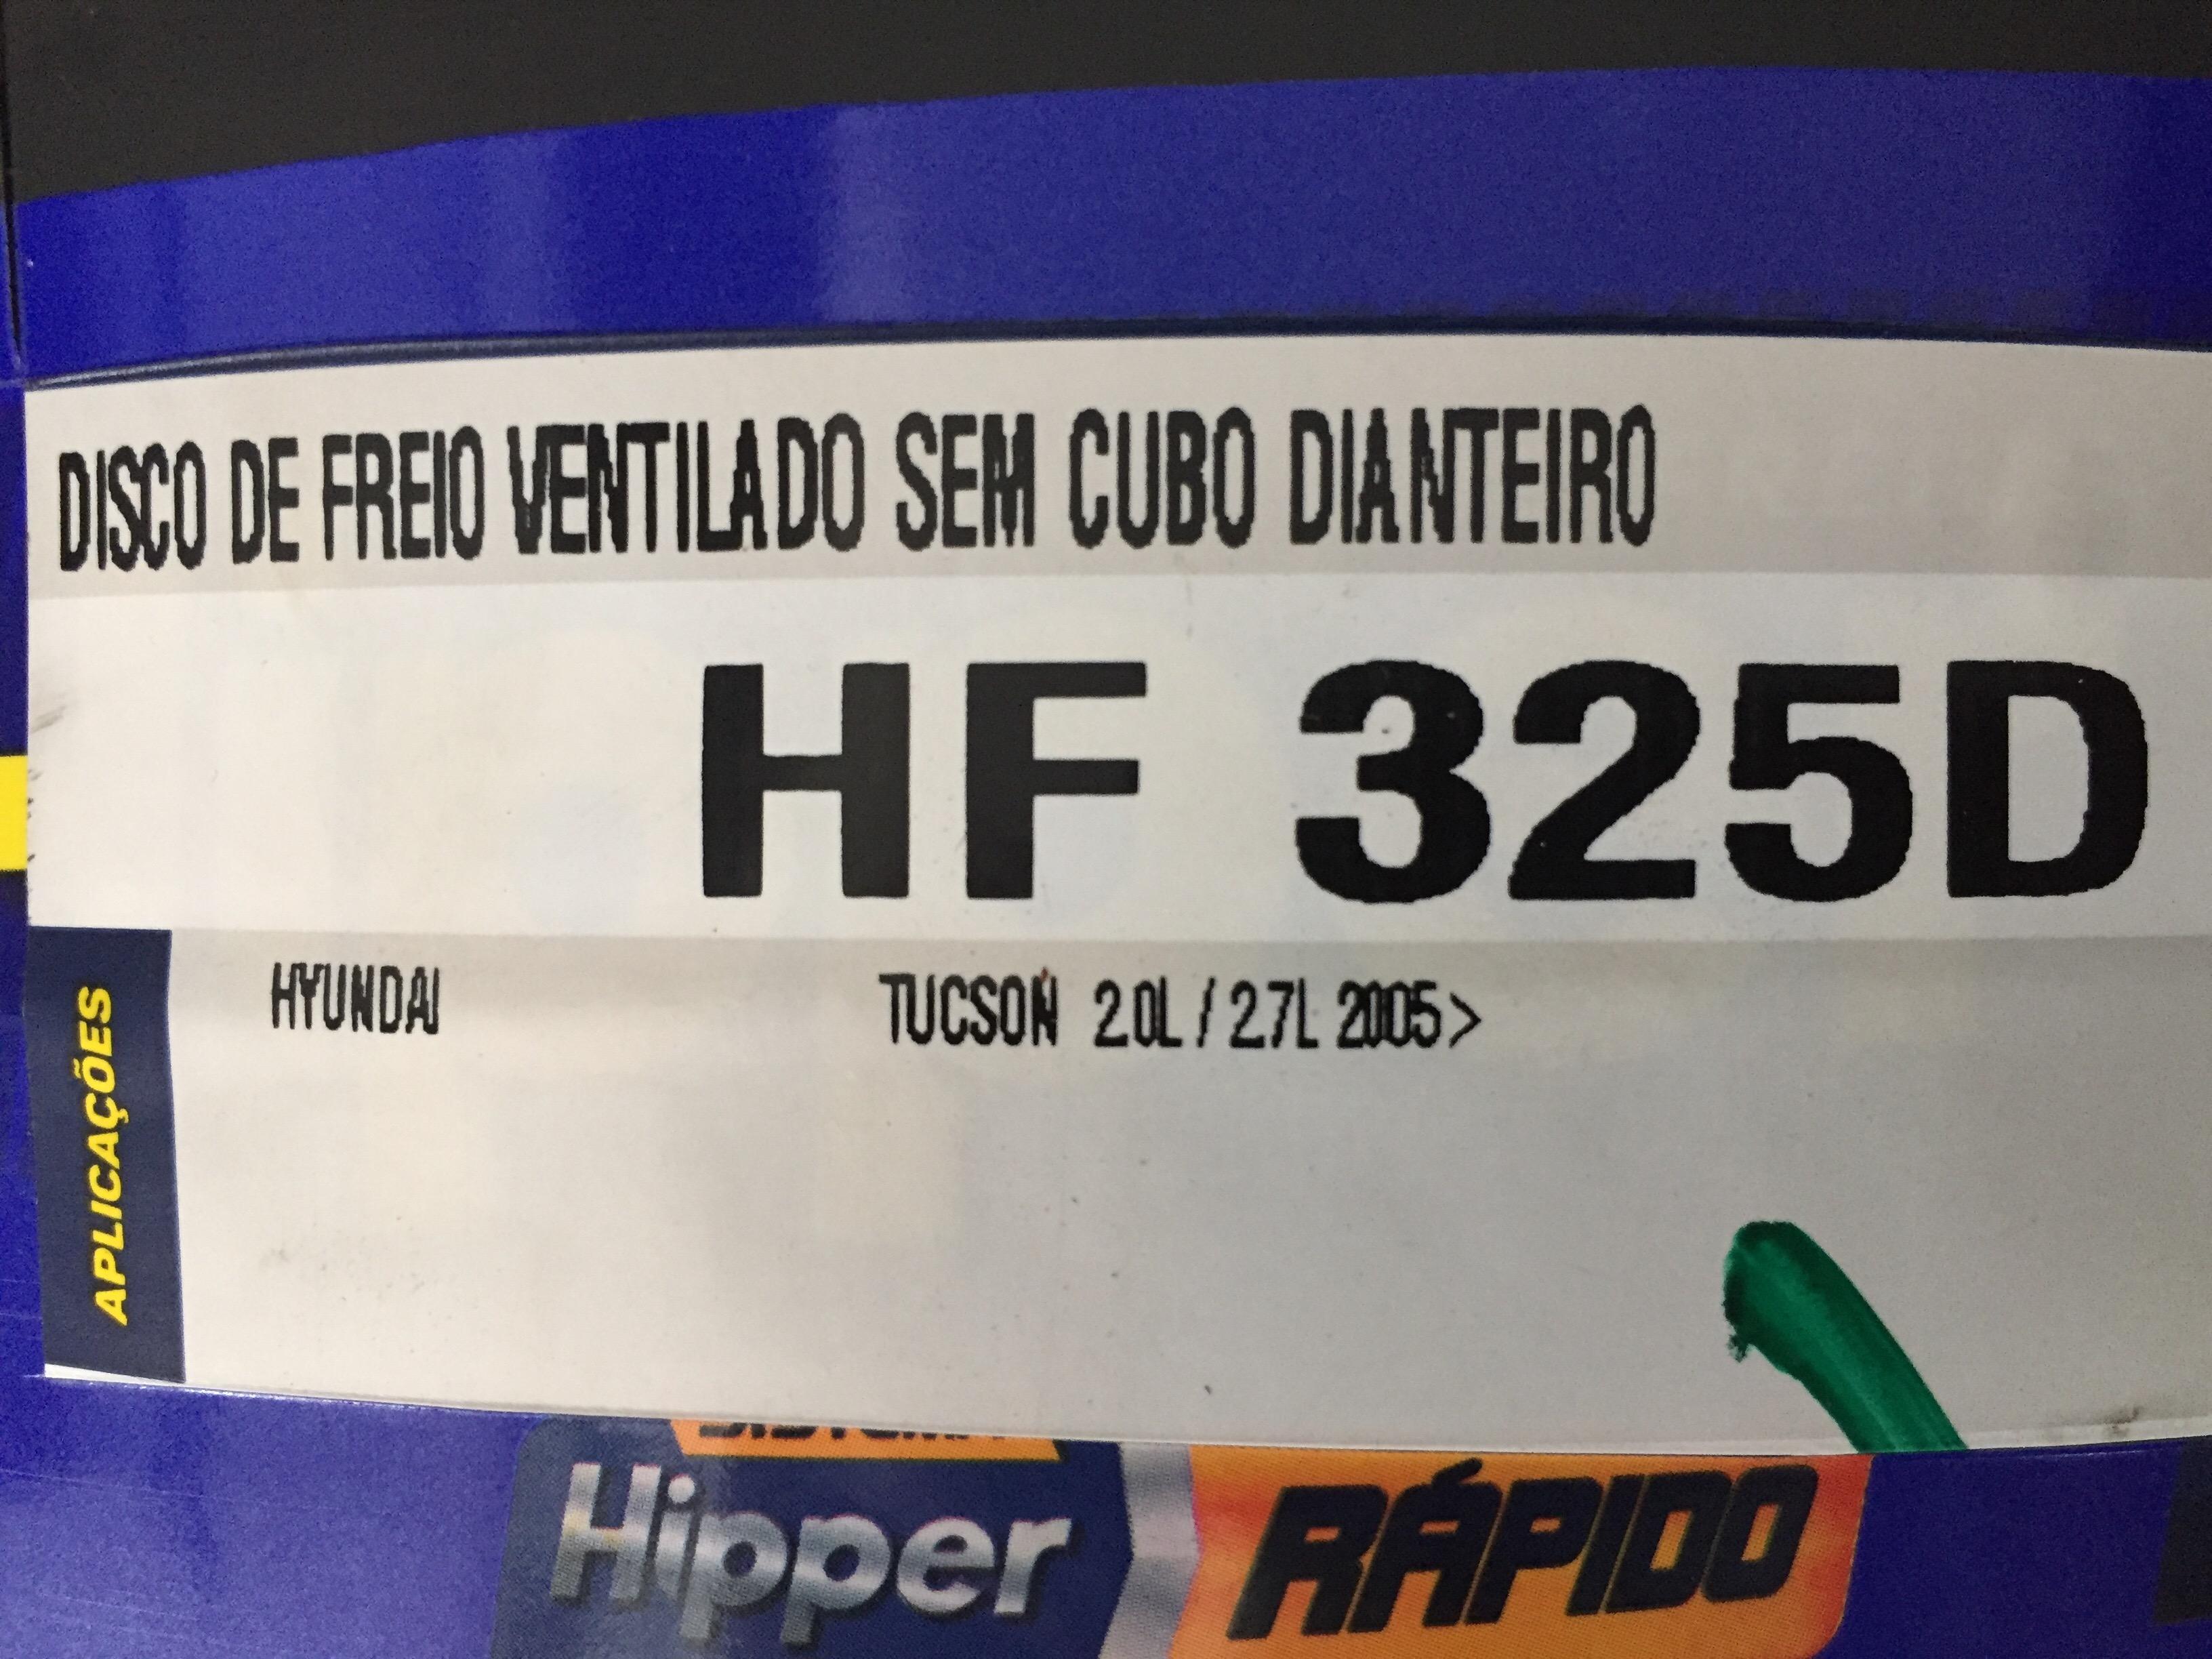 PAR DE DISCO FREIO DIANTEIRO MARCA HIPPER FREIOS PARA VEICULO HYUNDAI TUCSON 2.0 / 2.7   2005>